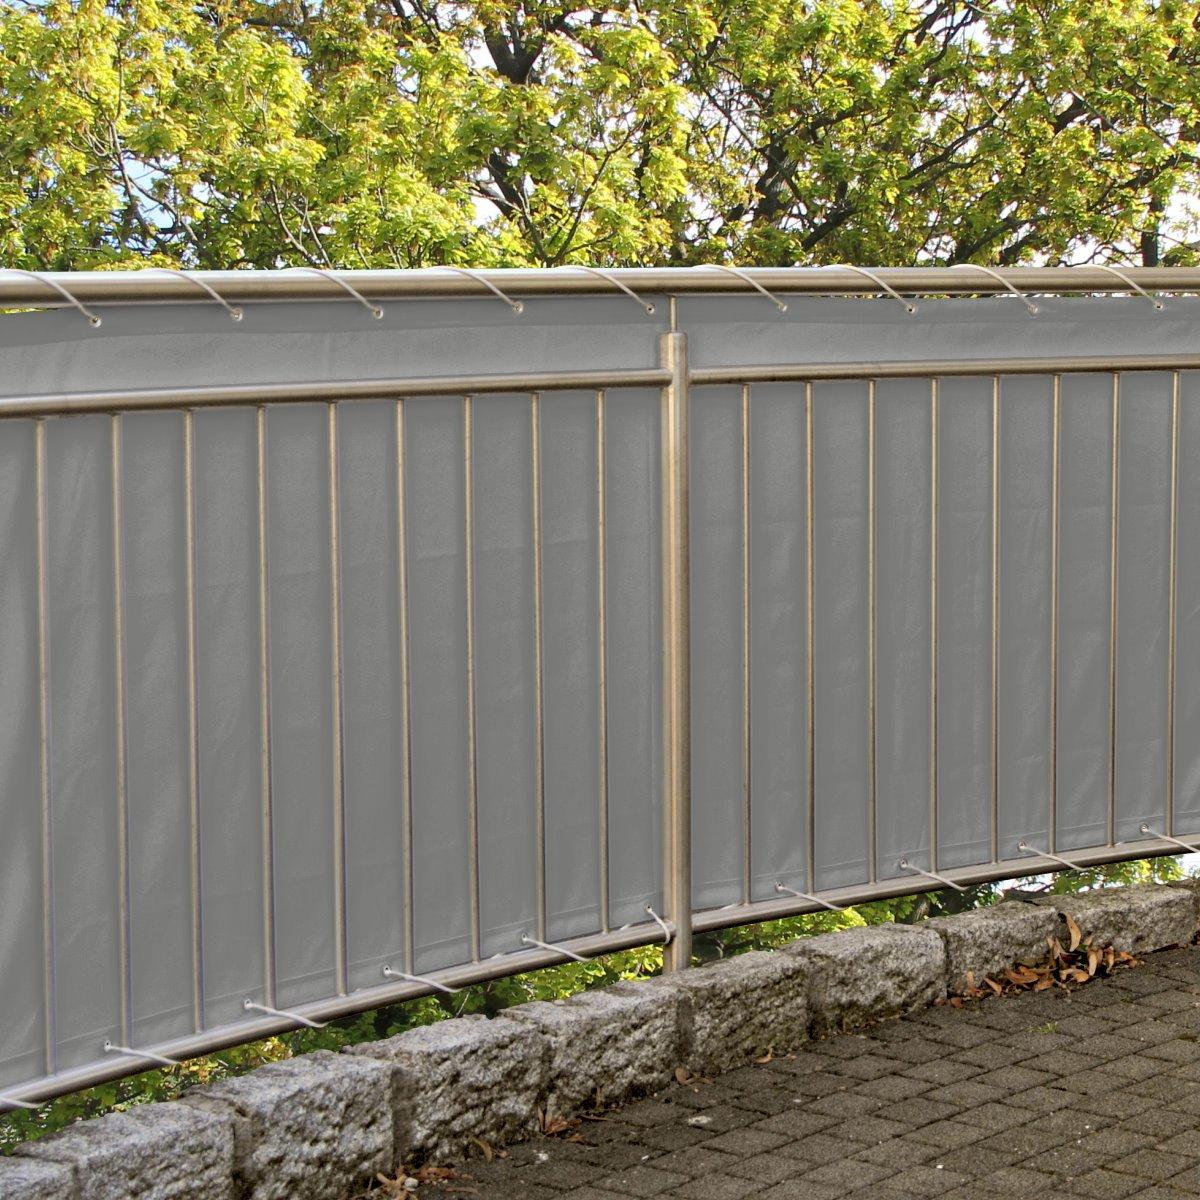 Amazon Balkonsichtschutz Windschutz Sichtschutz 600 x 90 cm